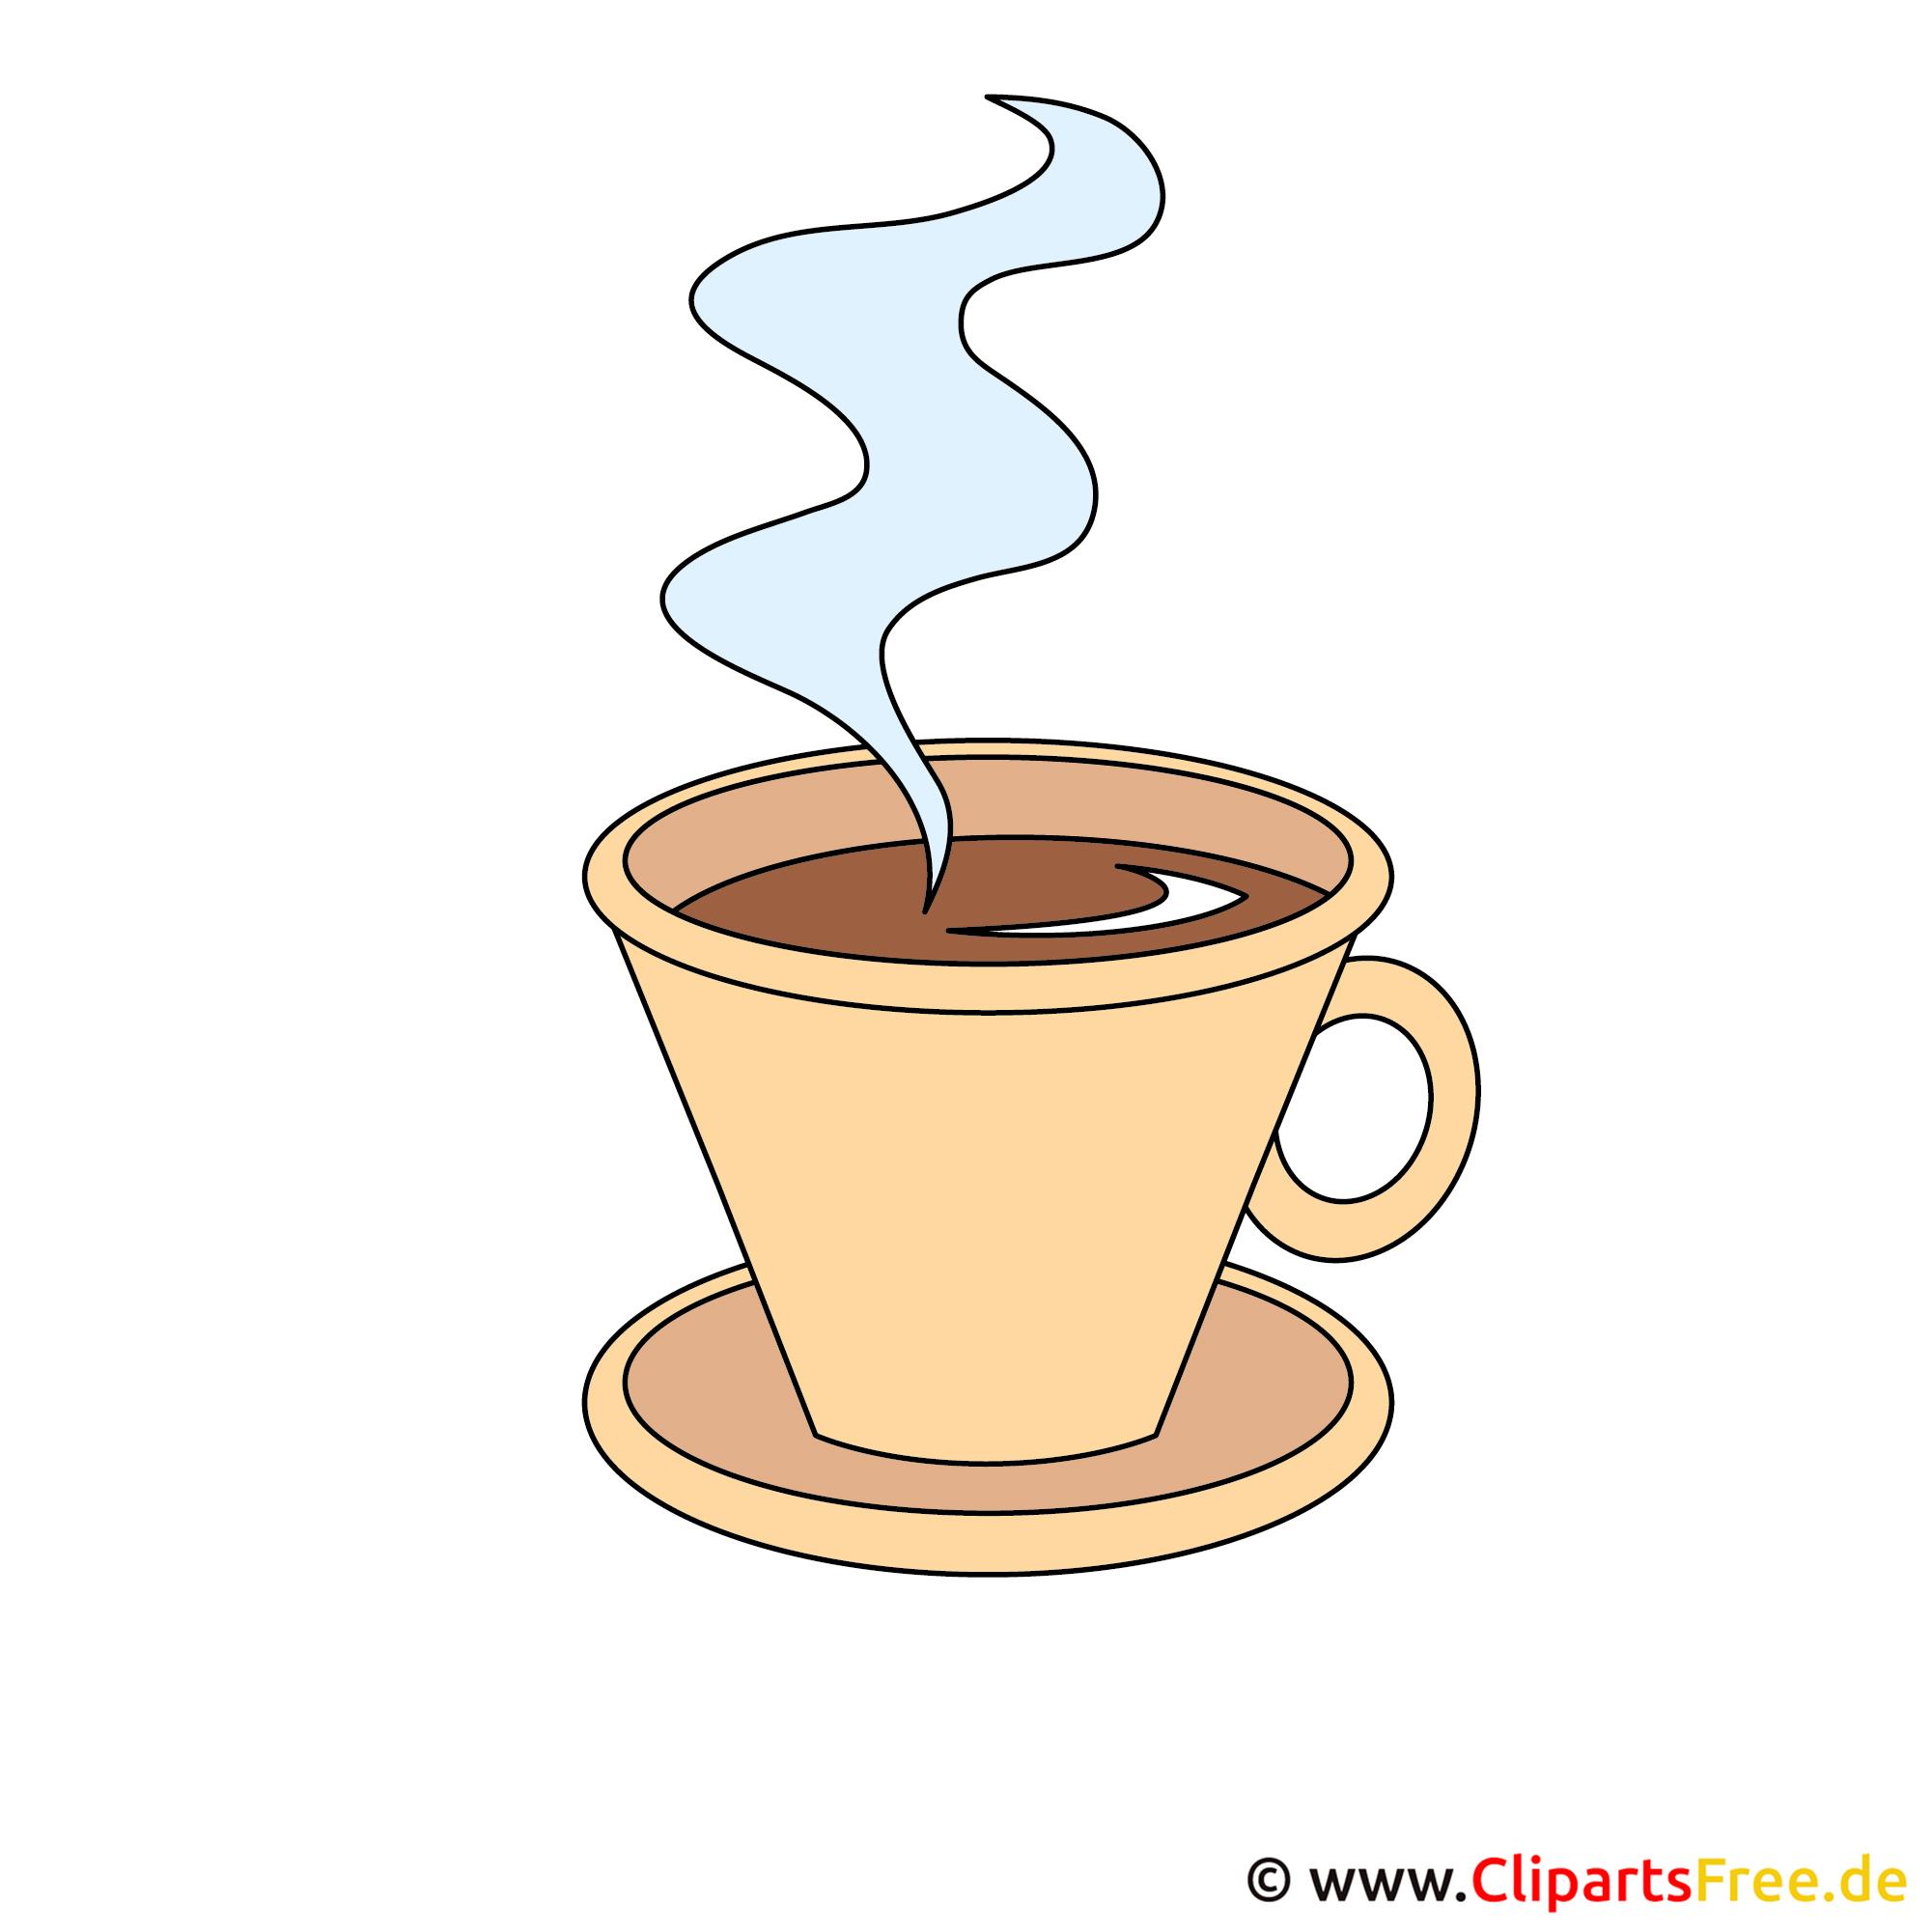 Clipart Bilder Kaffee Und Kuchen Hylen Maddawards Com